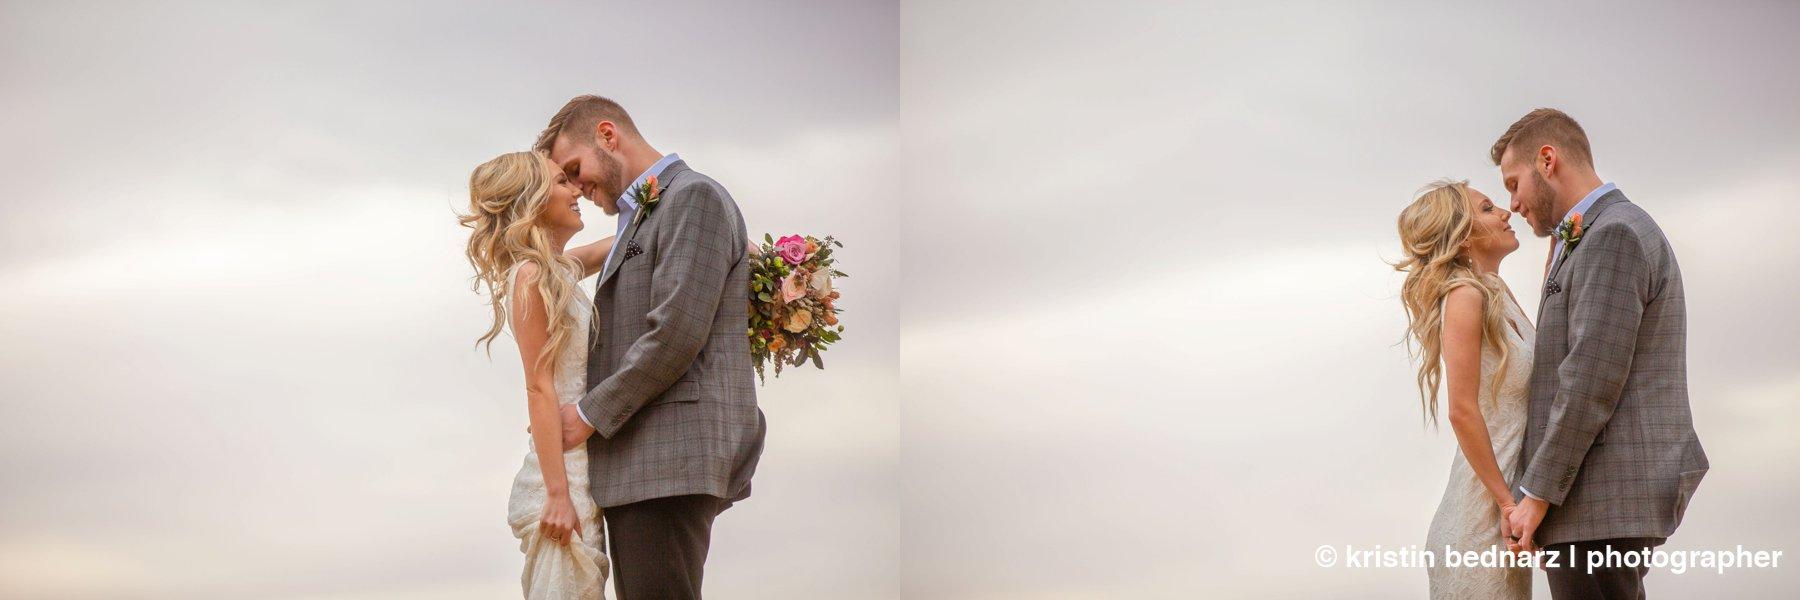 kristin_bednarz_wedding_photographer_20190214_00072sneak_peek.JPG